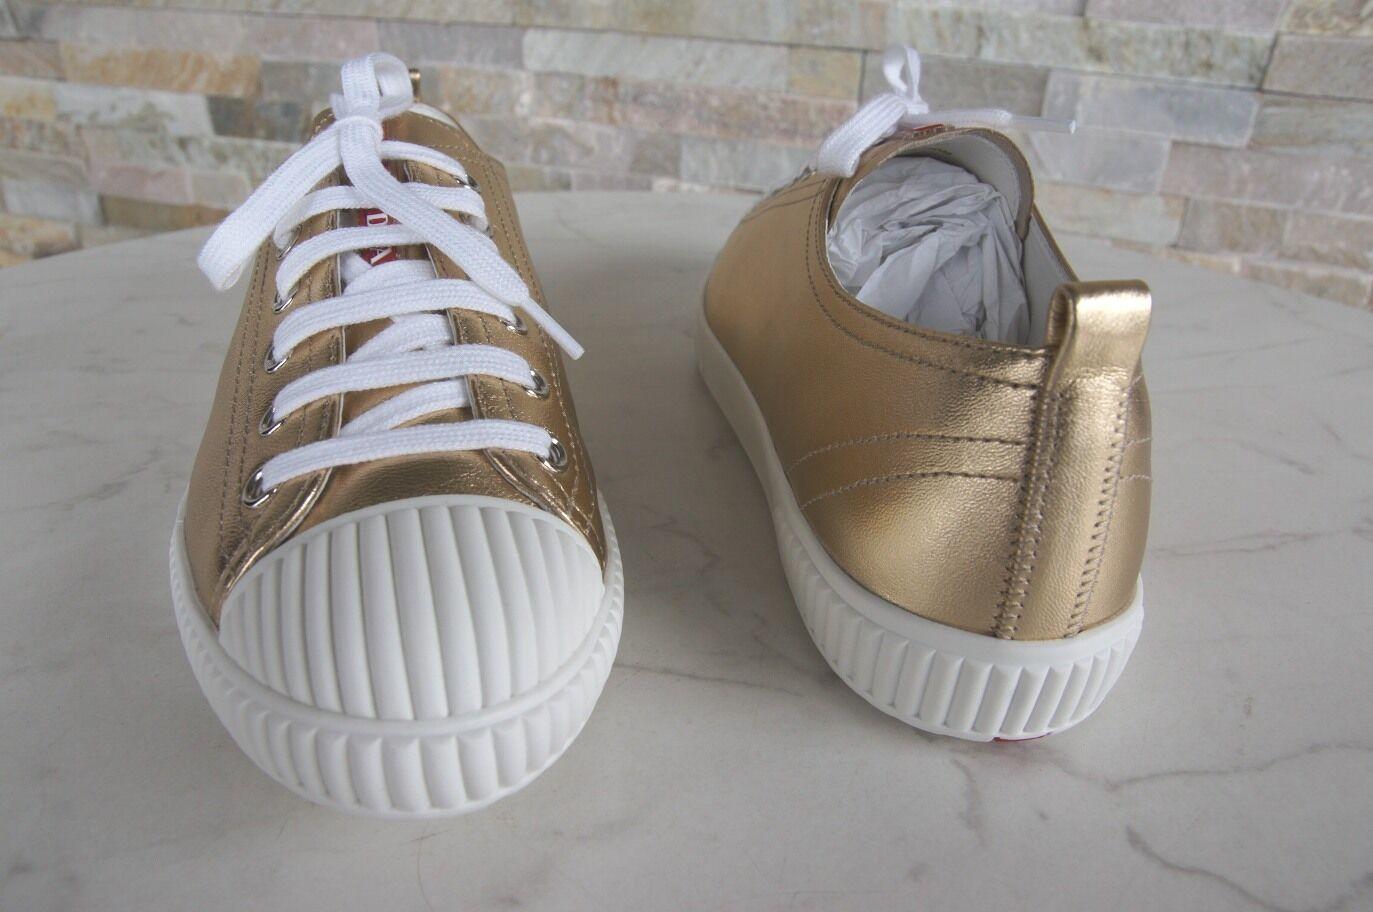 huge discount 90753 22b75 Pelle Normalissime 5 36 Agnello Scarpe 3e5876 Taglia Sneakers Prada W0STqT